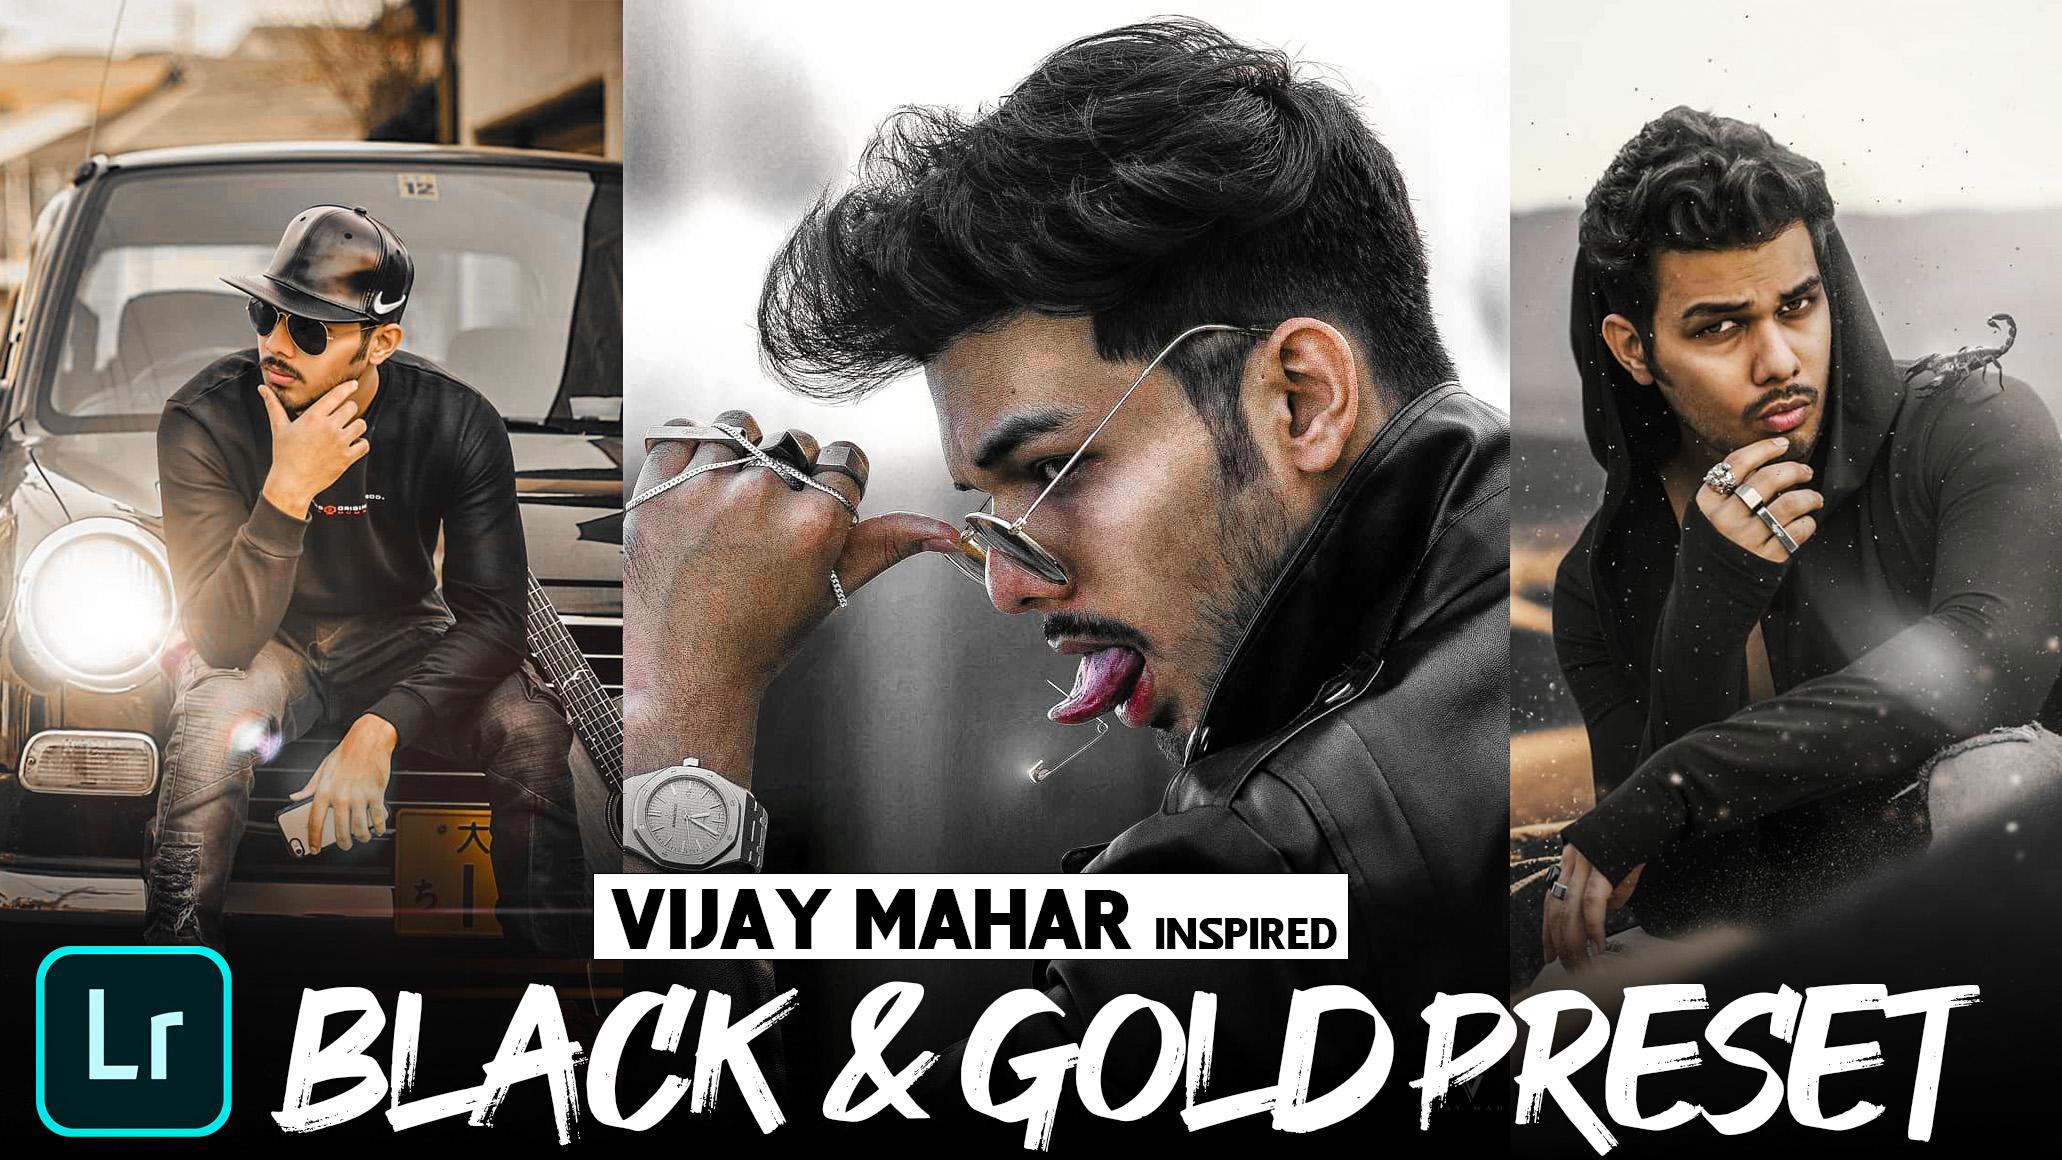 black & gold Lightroom presets download - FREE Lightroom mobile preset